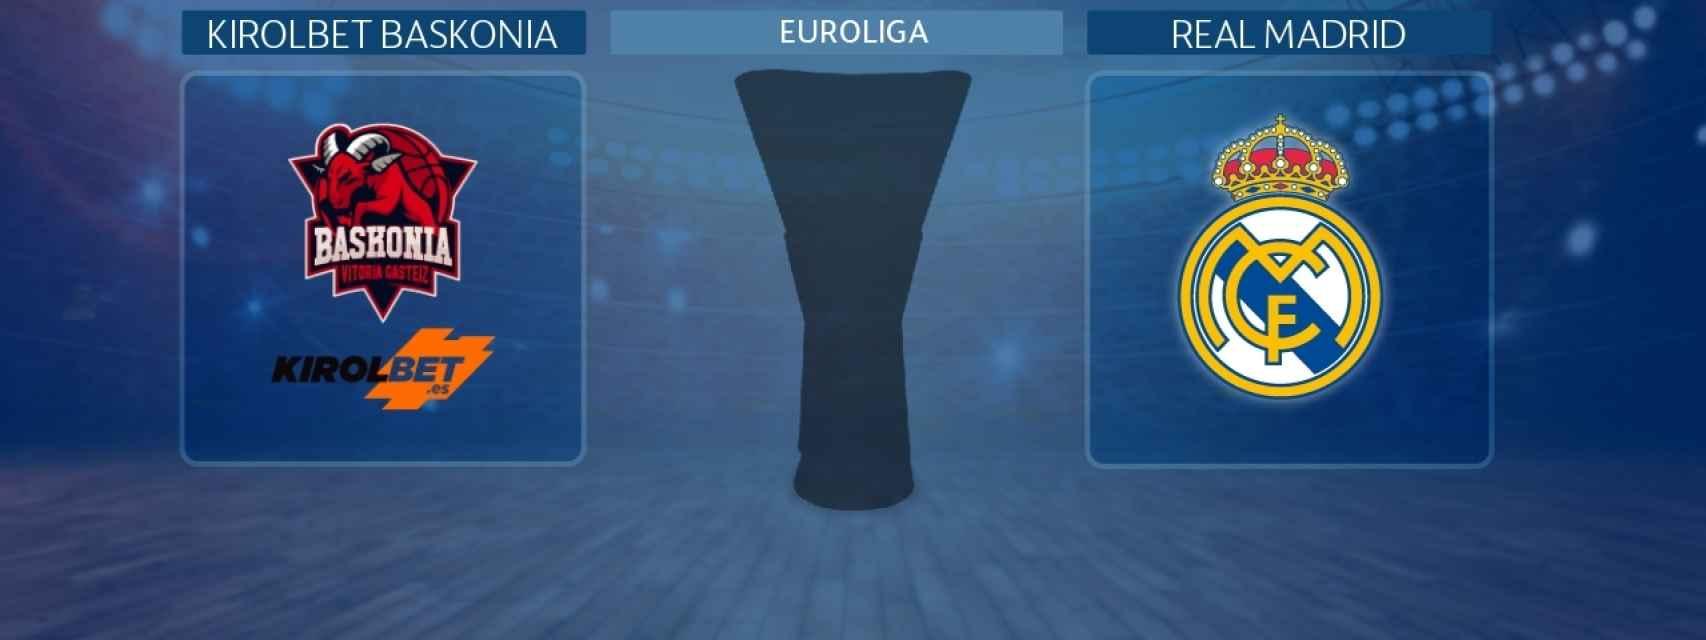 Kirolbet Baskonia - Real Madrid